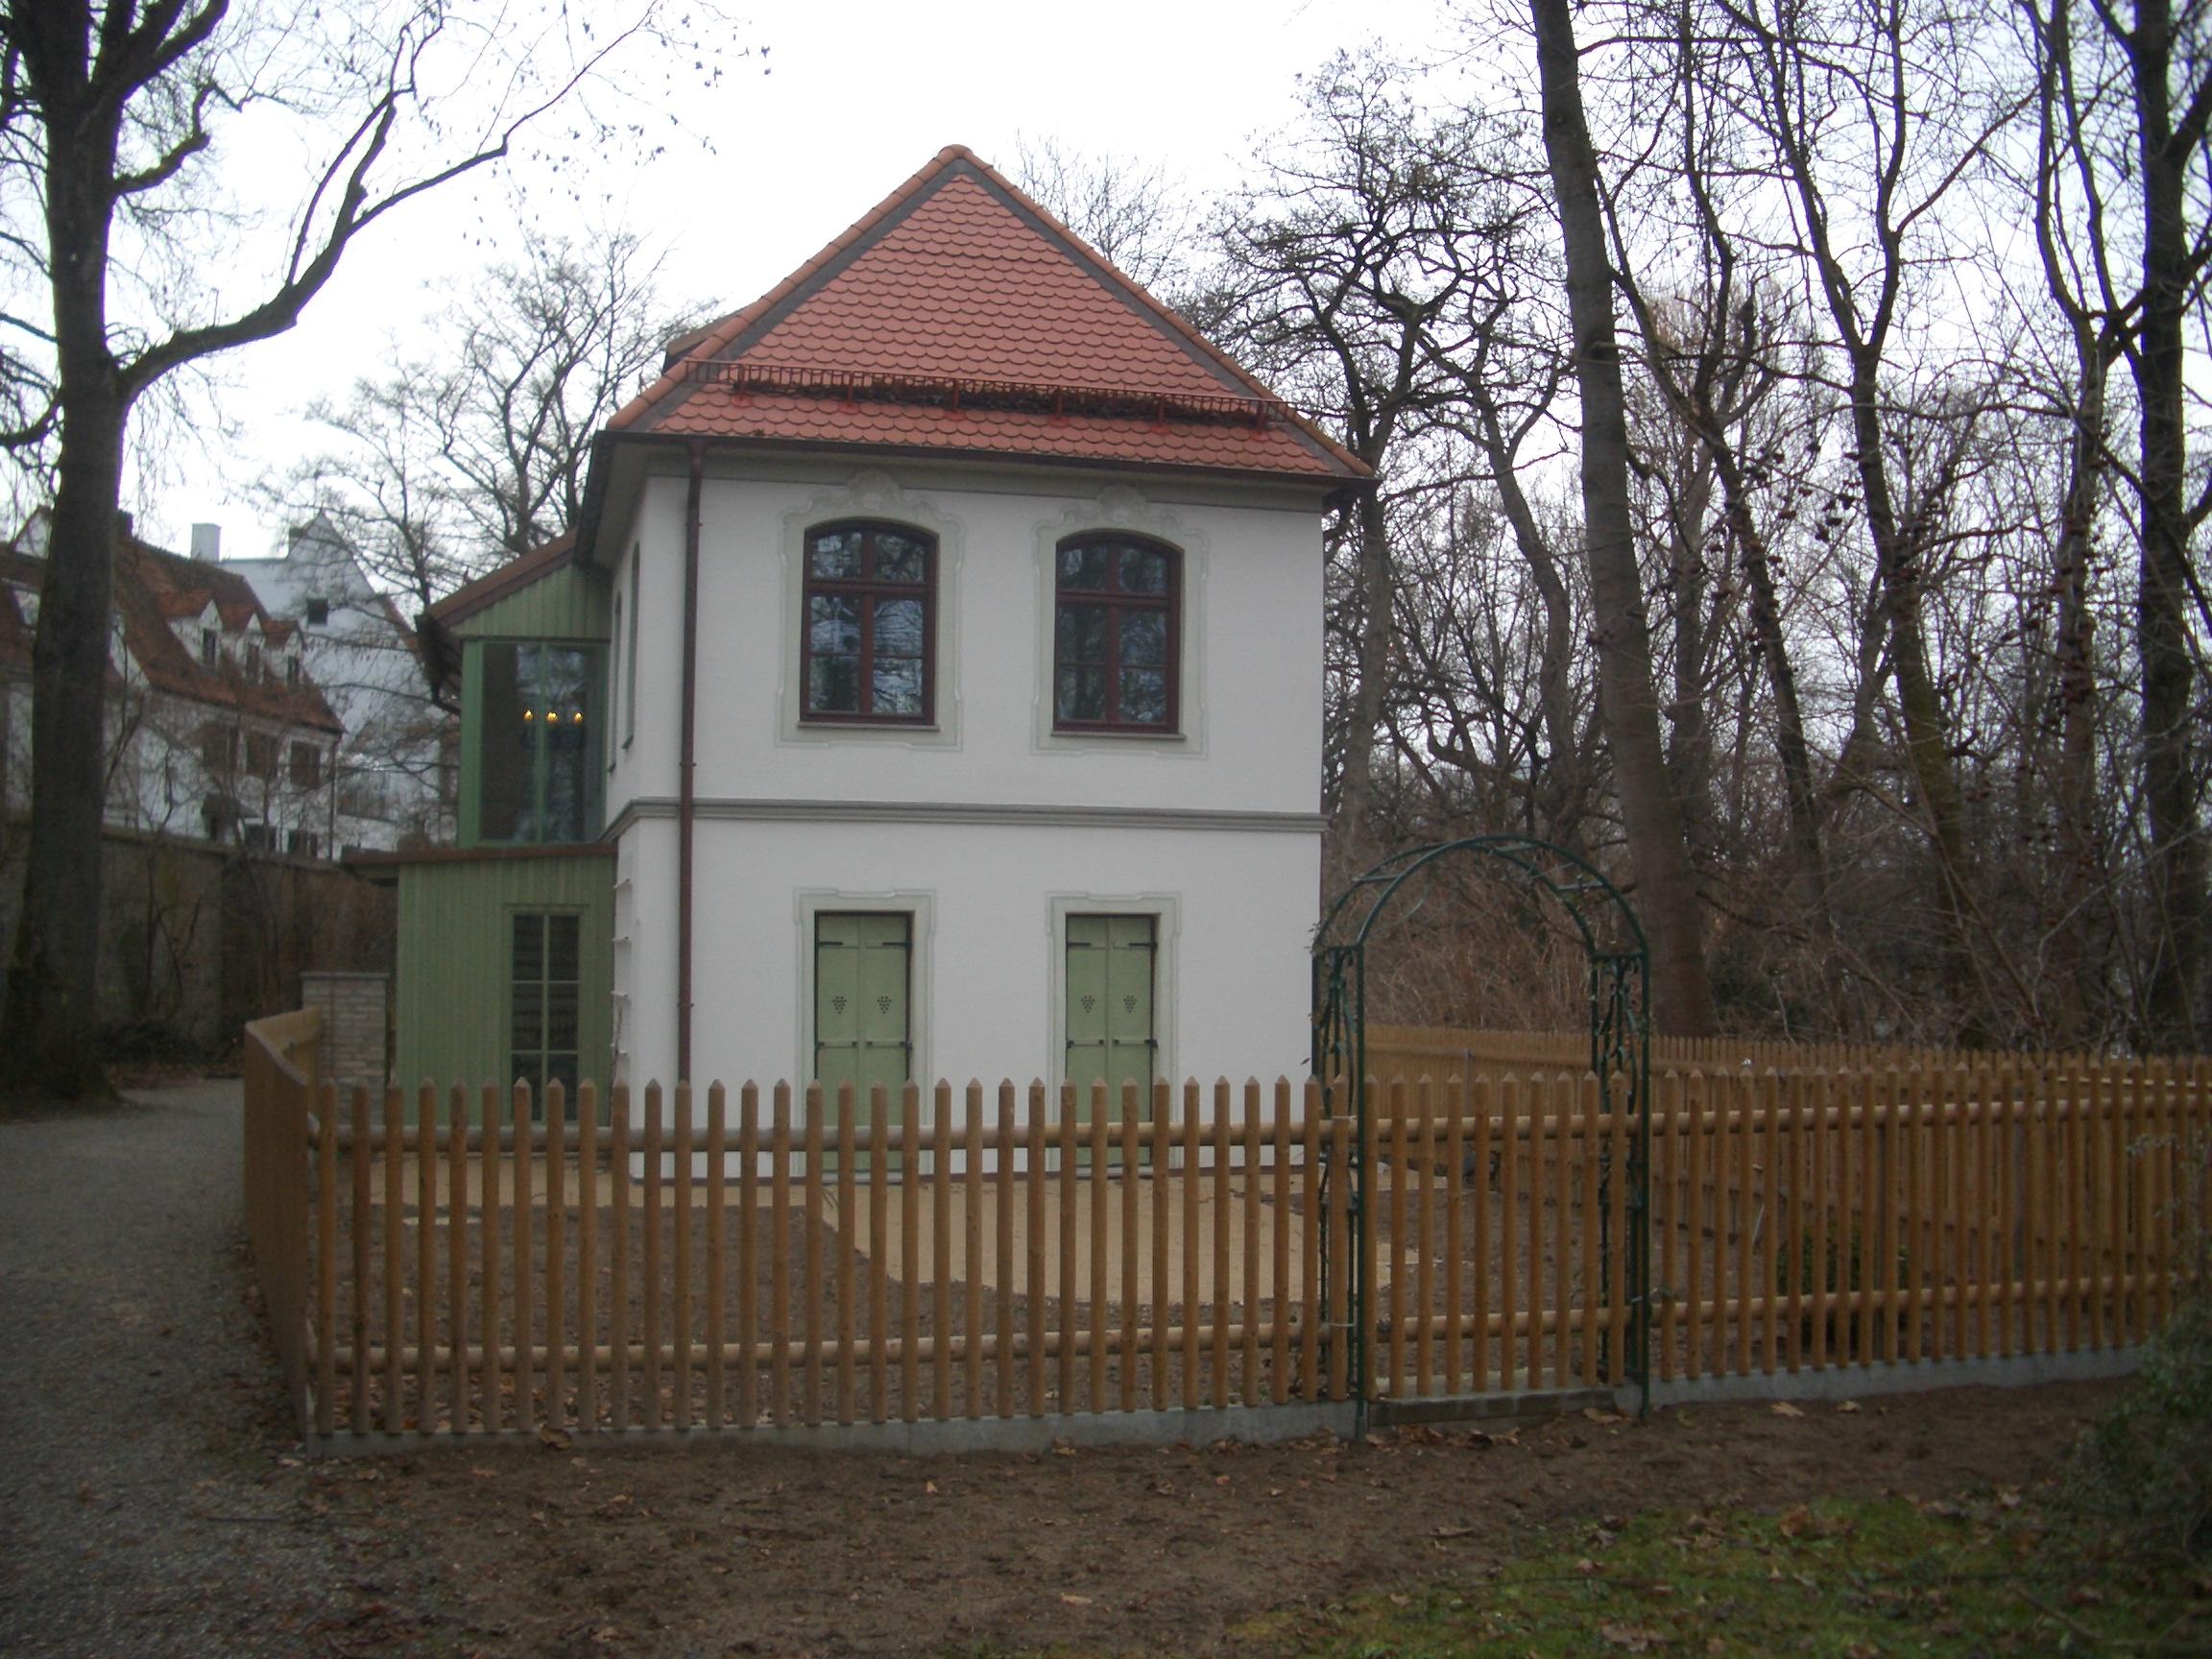 Kleingartenidylle im historischen Verdeitigungswall